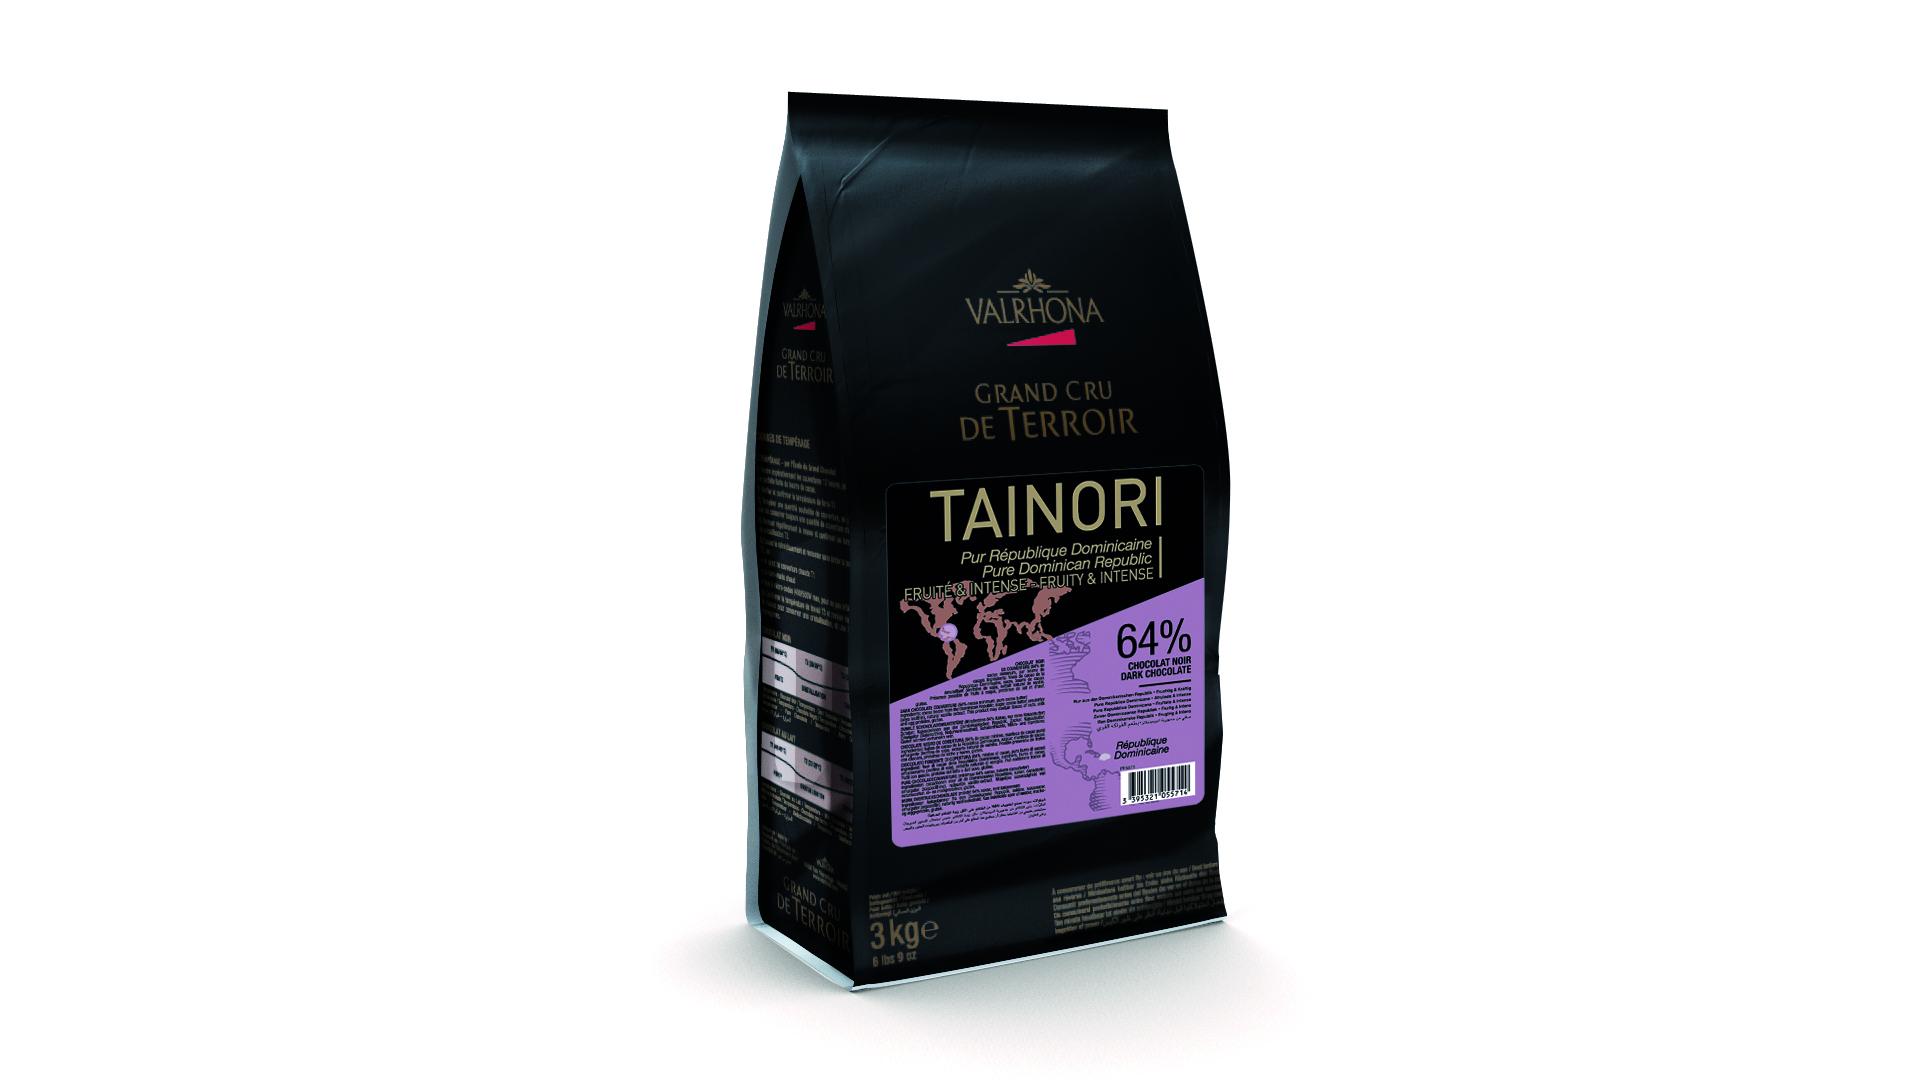 Valrhona  Tainori 64% Dark Chocolate Feves  #5571